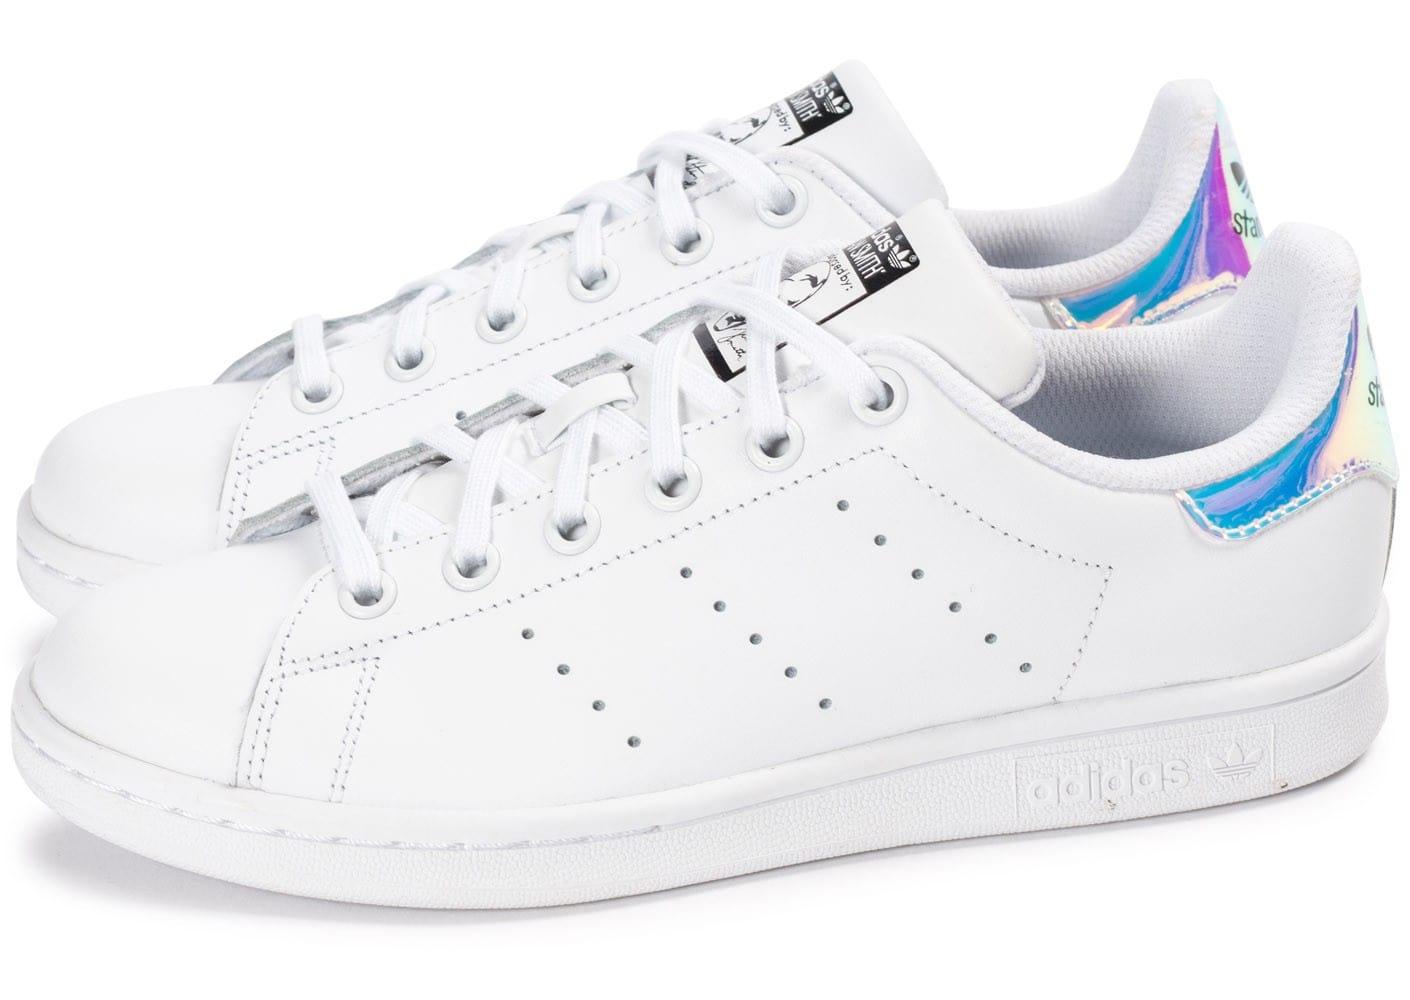 online retailer ffeb6 c8fb2 Promotion de groupe adidas stan smith chausport.Dédié à économiser de  l argent - www.stronycms.eu